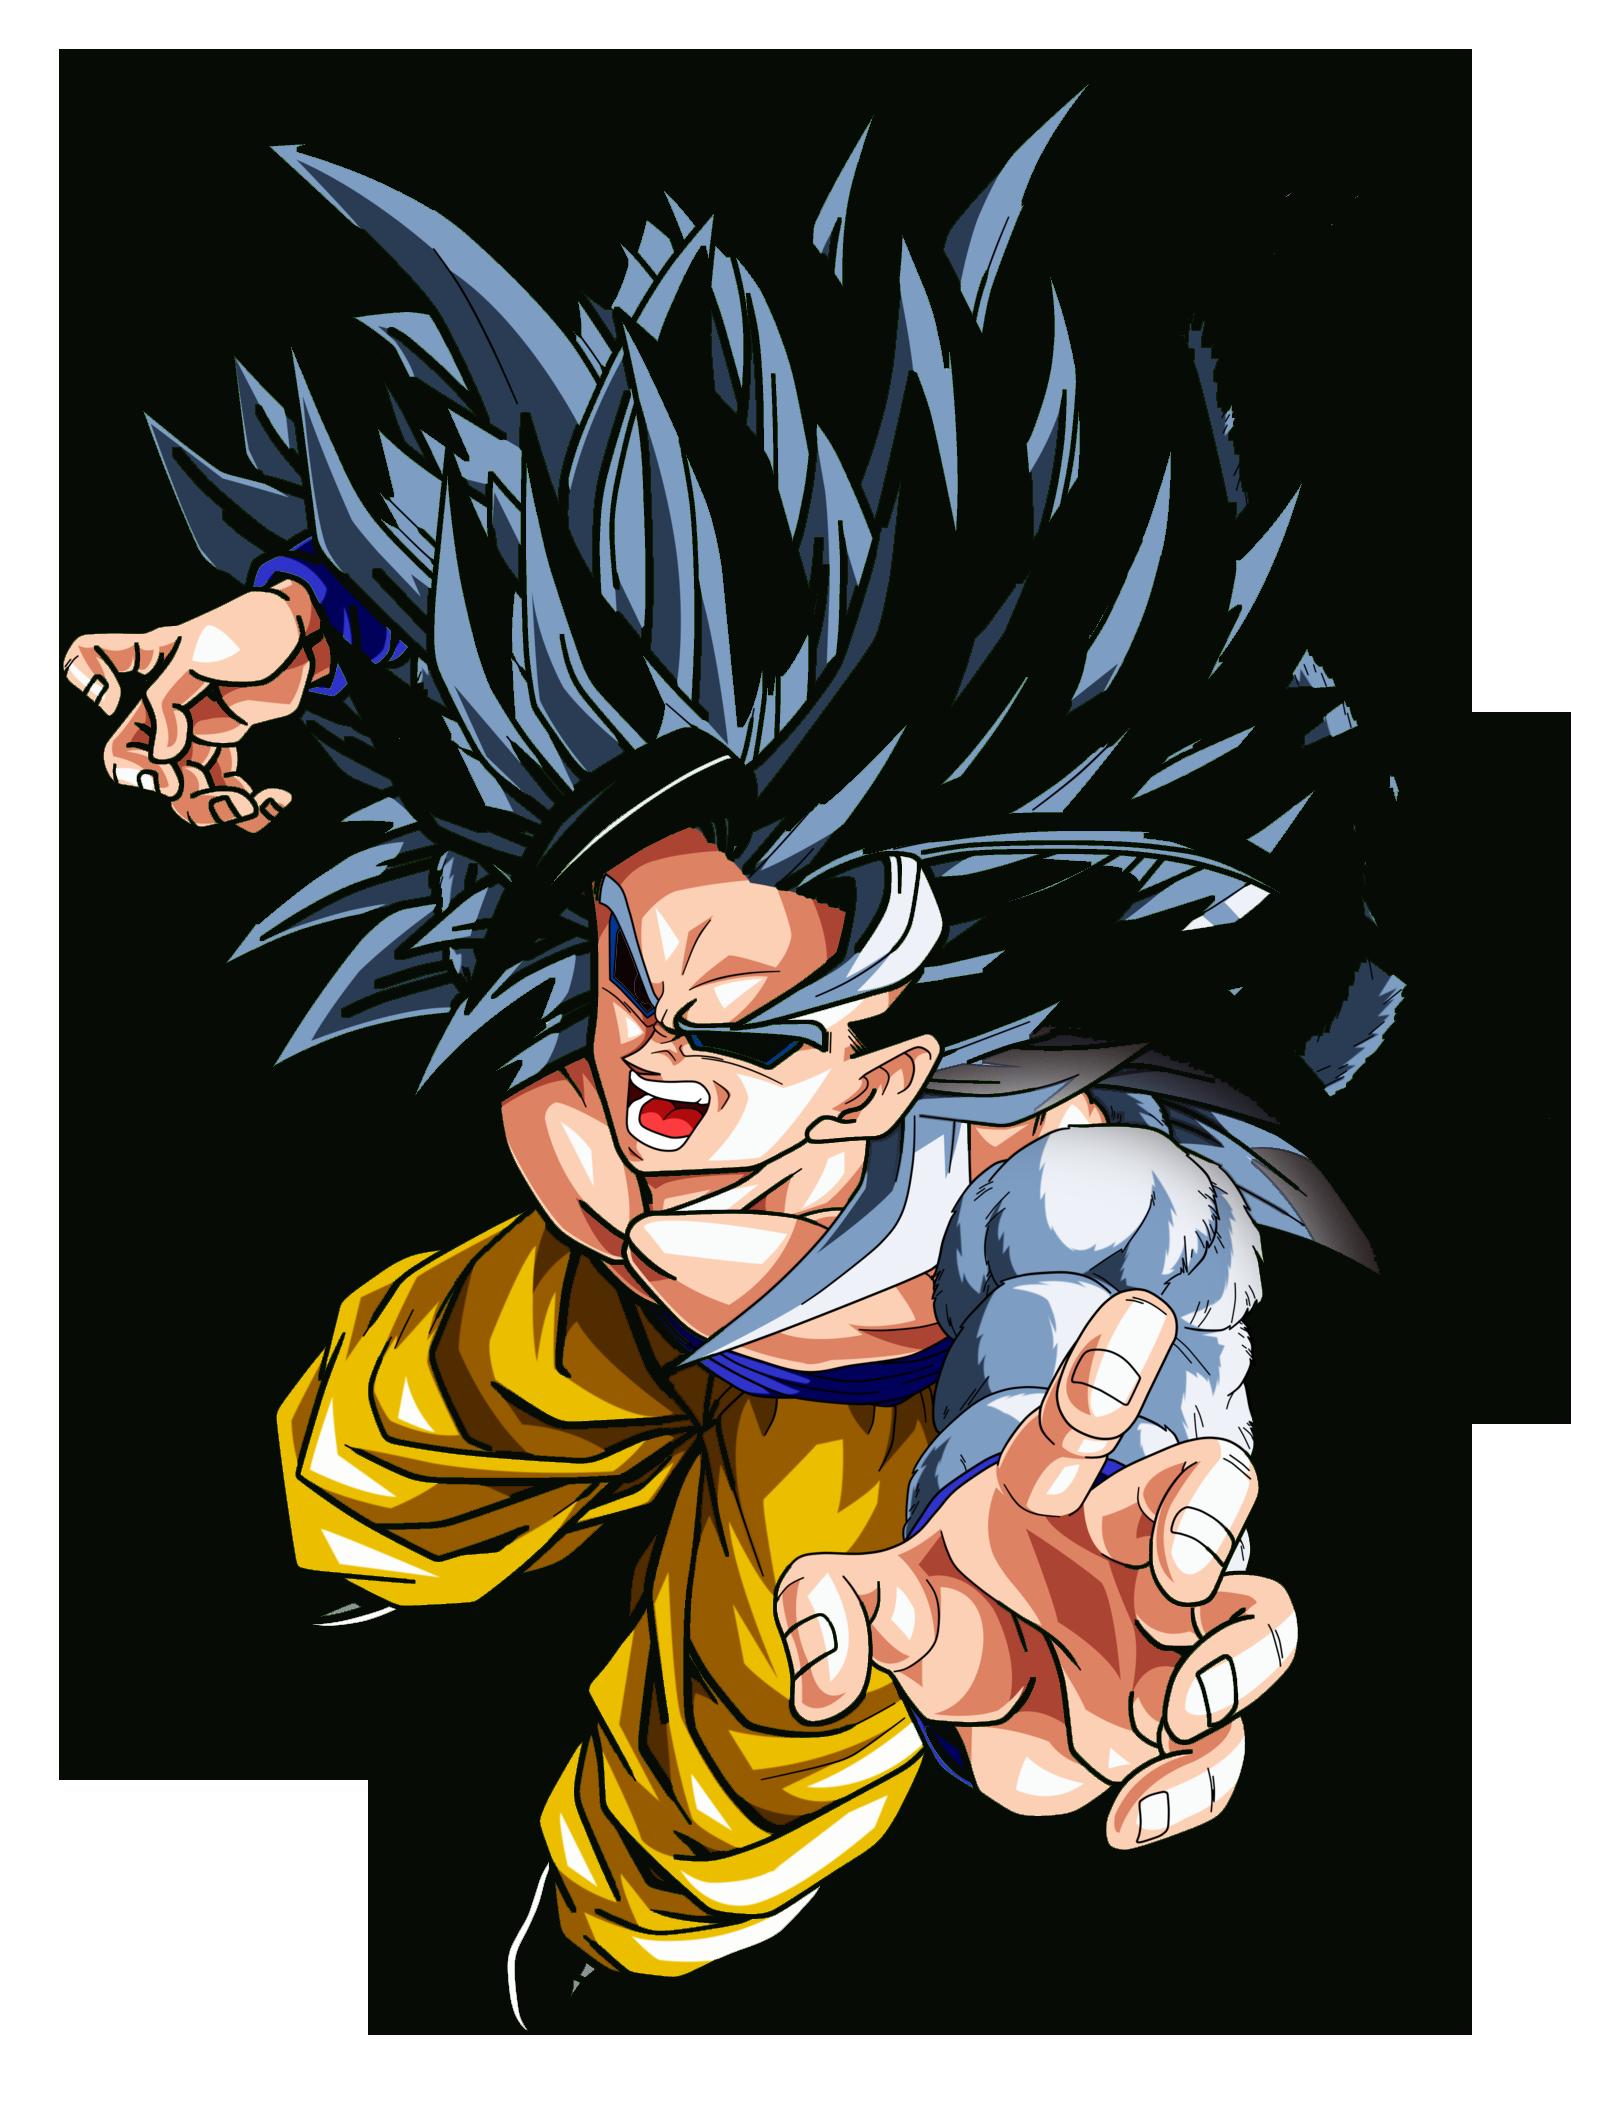 Dragon ball z goku ssj 5 dragon ball z dragon ball - Goku super sayan 5 ...